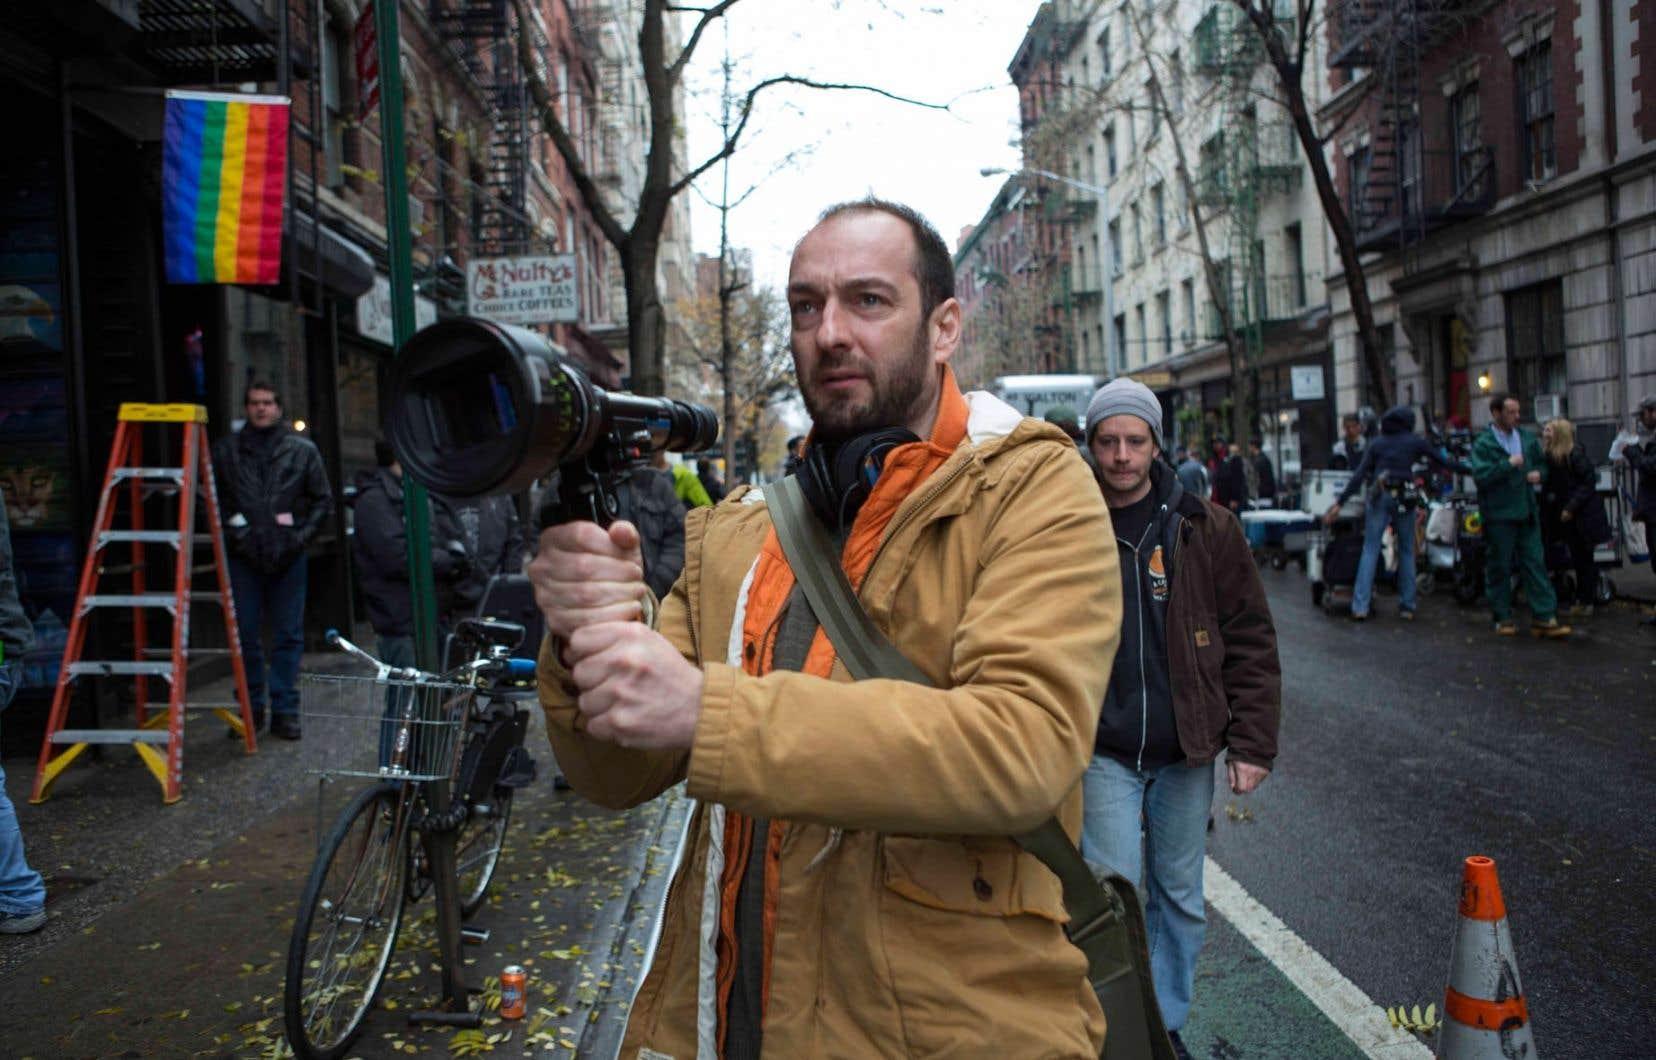 Pour le remake de Starbuck, tourné aux États-Unis, le réalisateur Ken Scott voulait s'entourer d'une équipe croyant au projet.